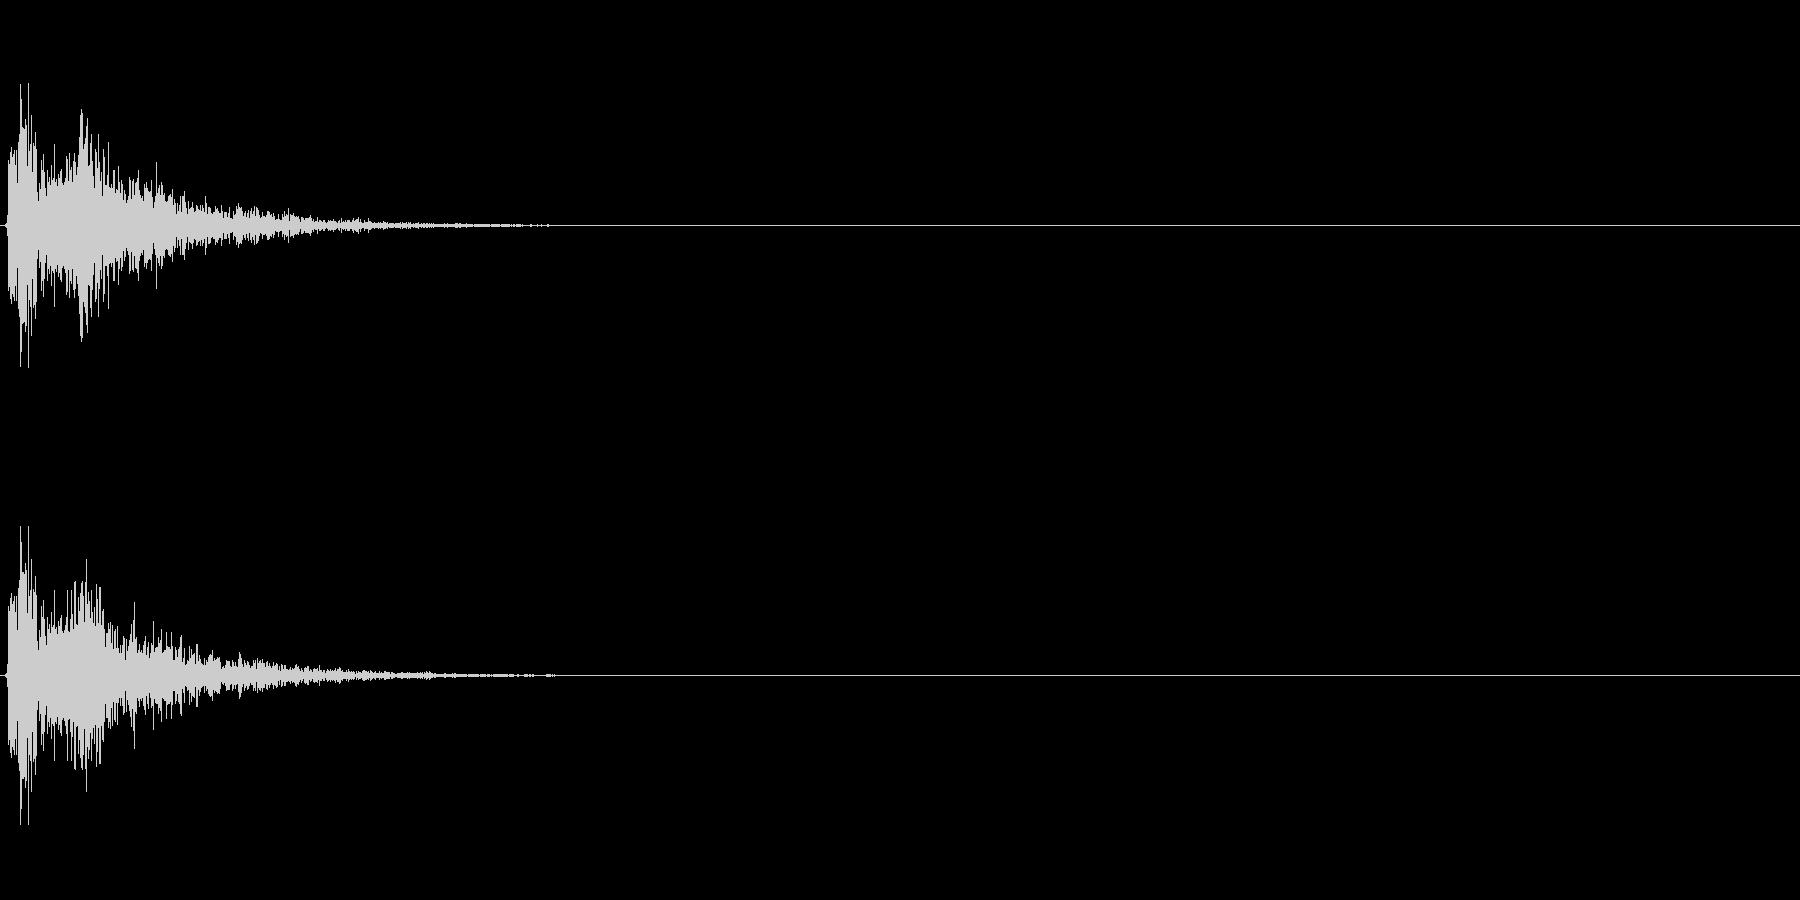 ビシャーン(檻の扉が閉まる音)の未再生の波形